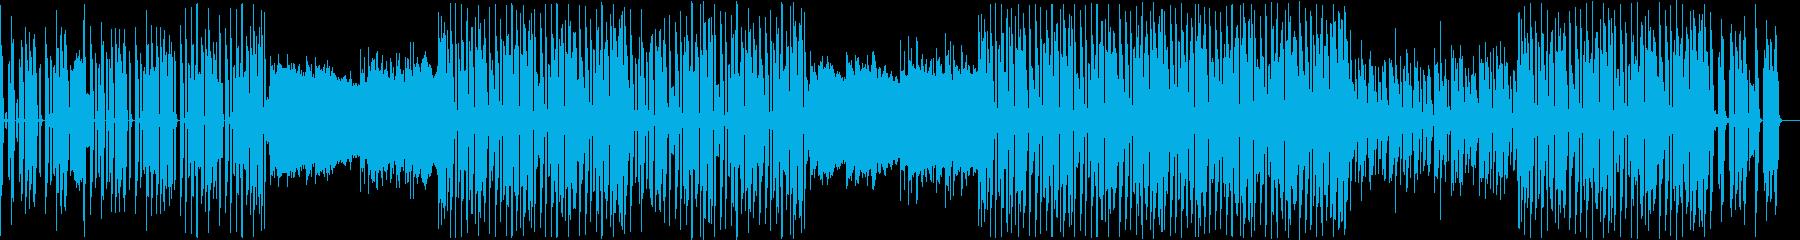 キャッチーなアップテンポ KポップBGMの再生済みの波形